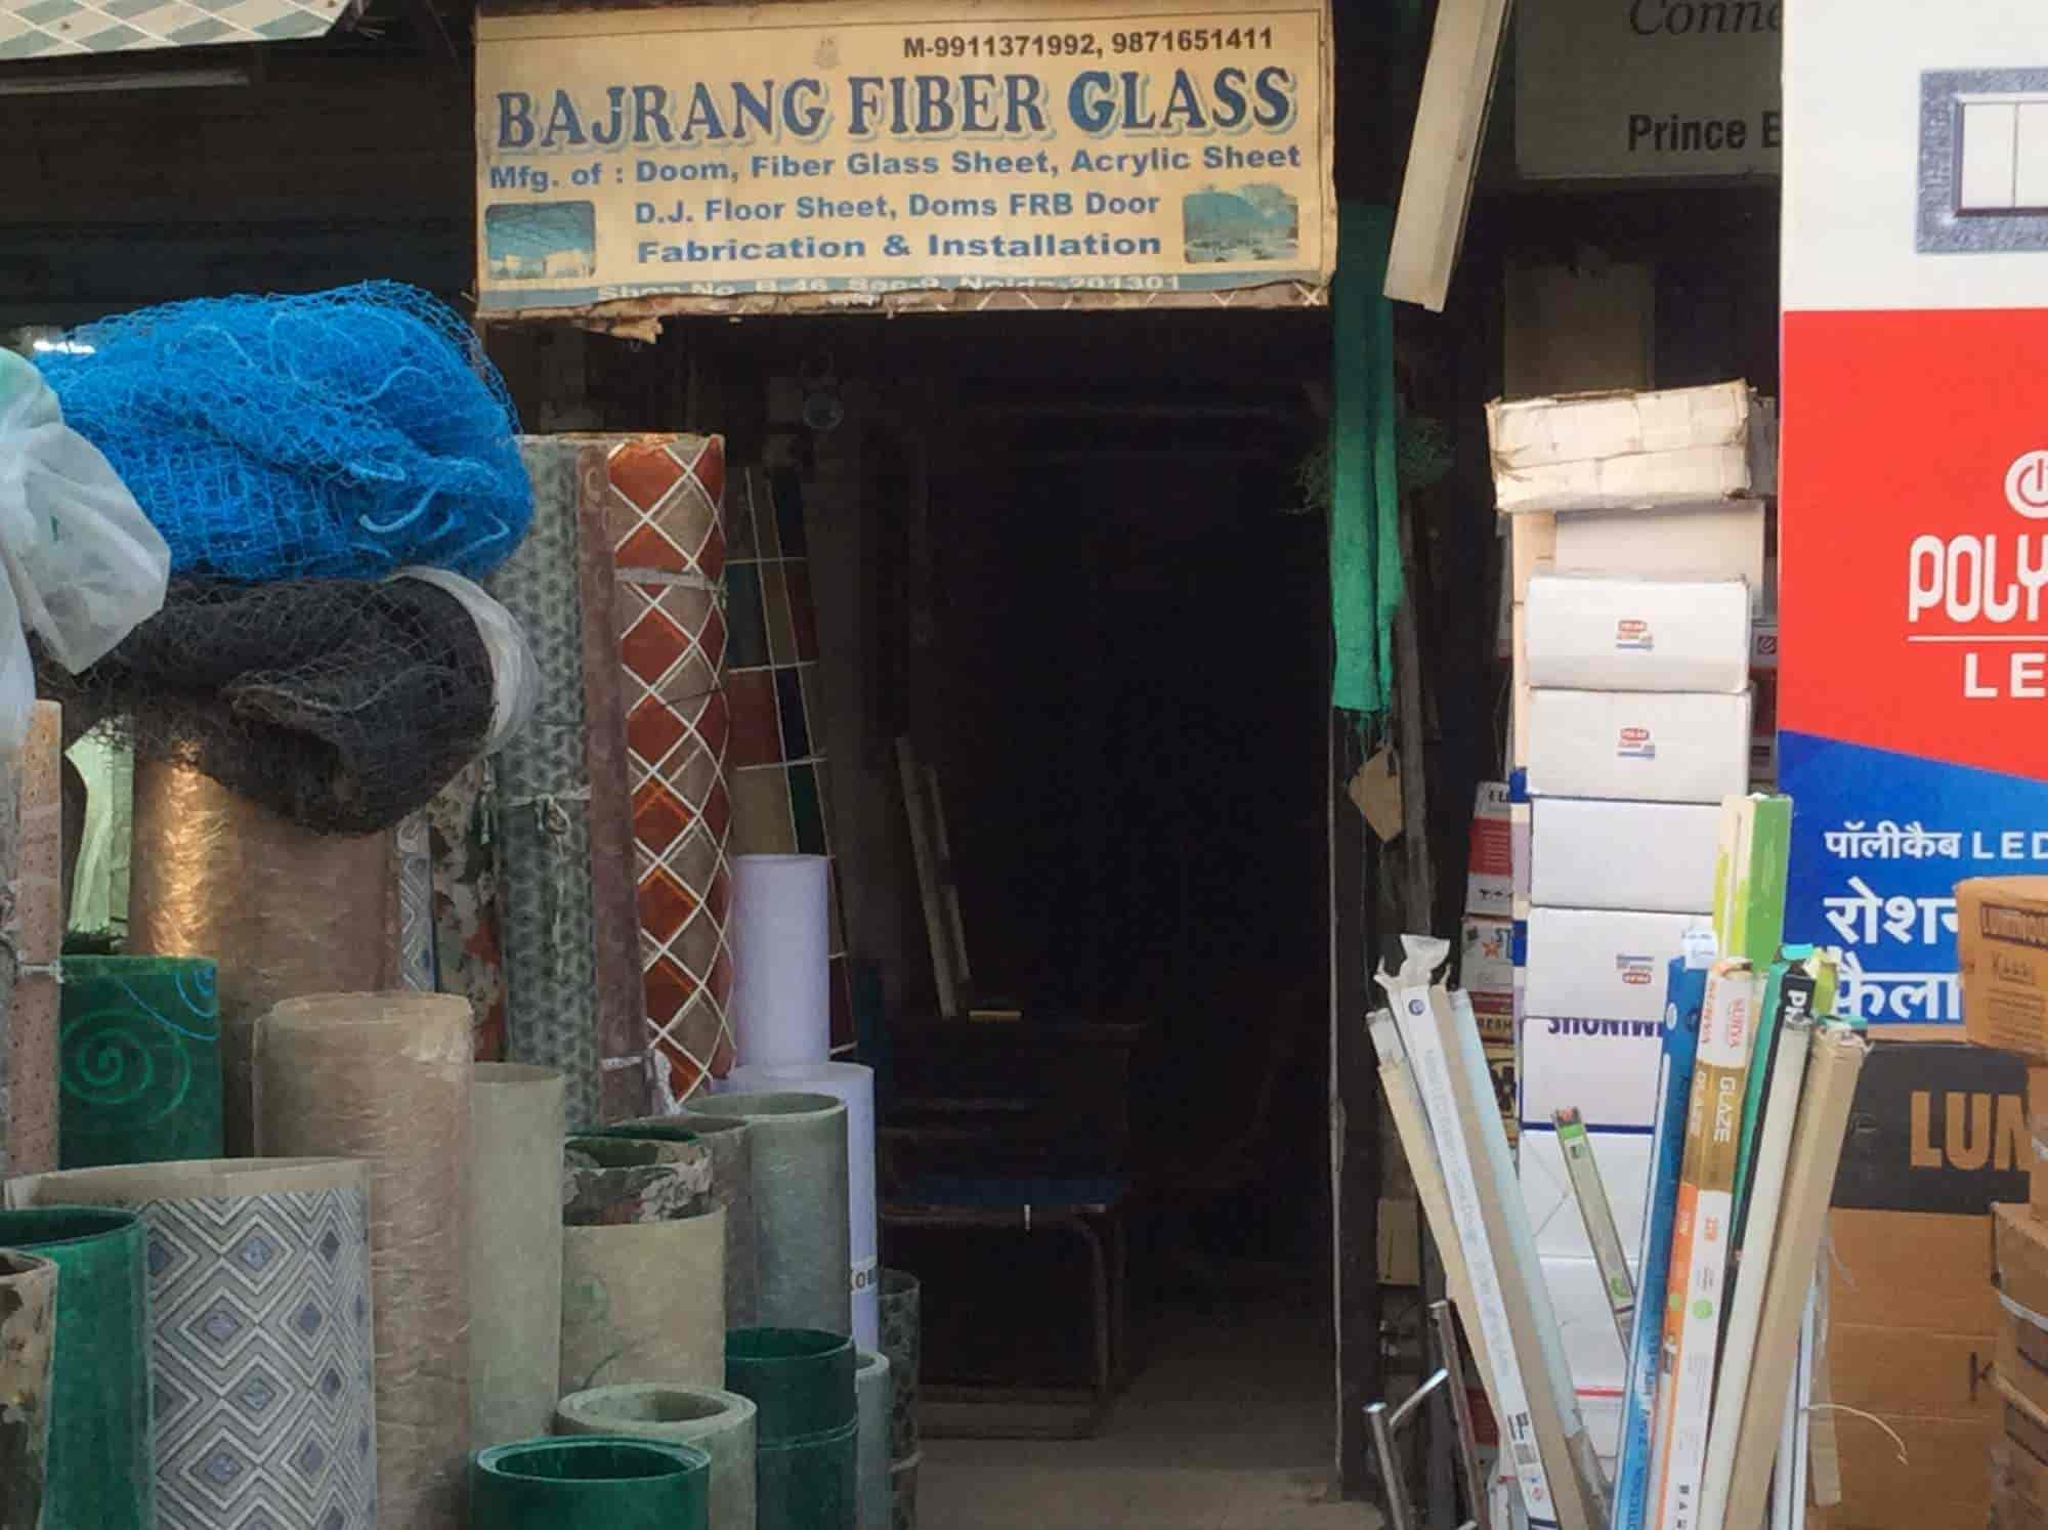 Bajrang Fibre Glass, Noida Sector 9 - Fibre Sheet Dealers in